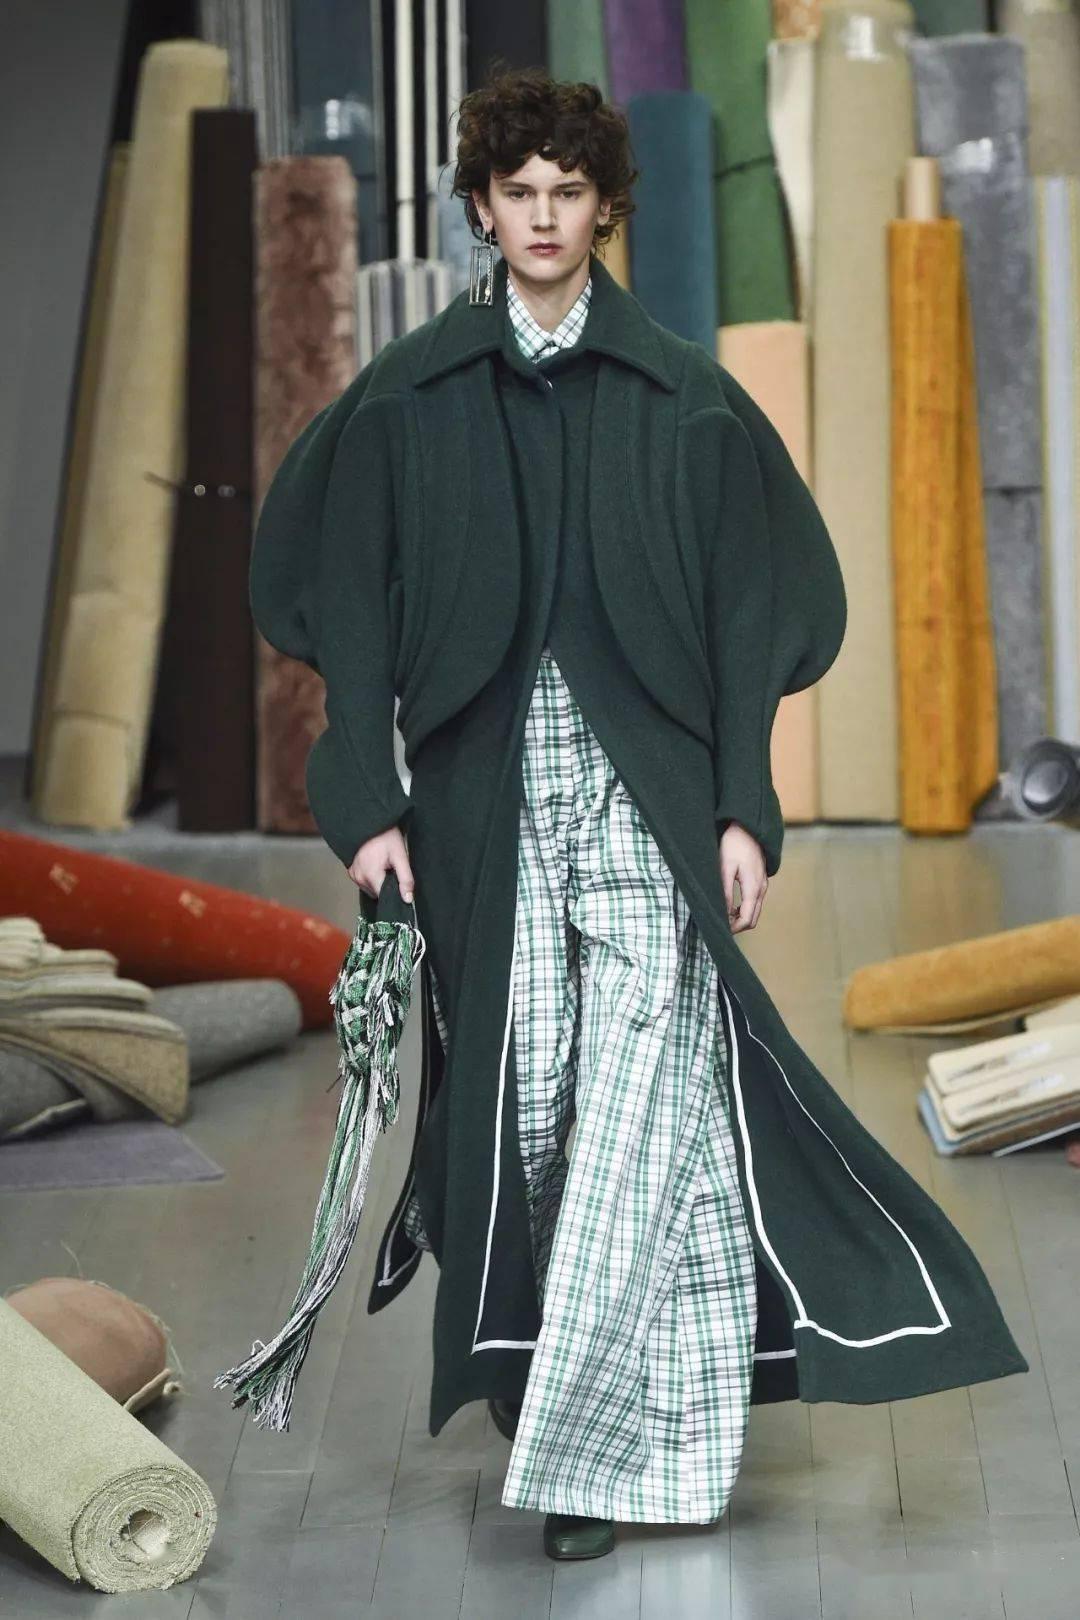 冲破结构束缚的螺旋形衣身,这位圣马丁叛逆鬼才的创意剪裁真是不惊人死不休!